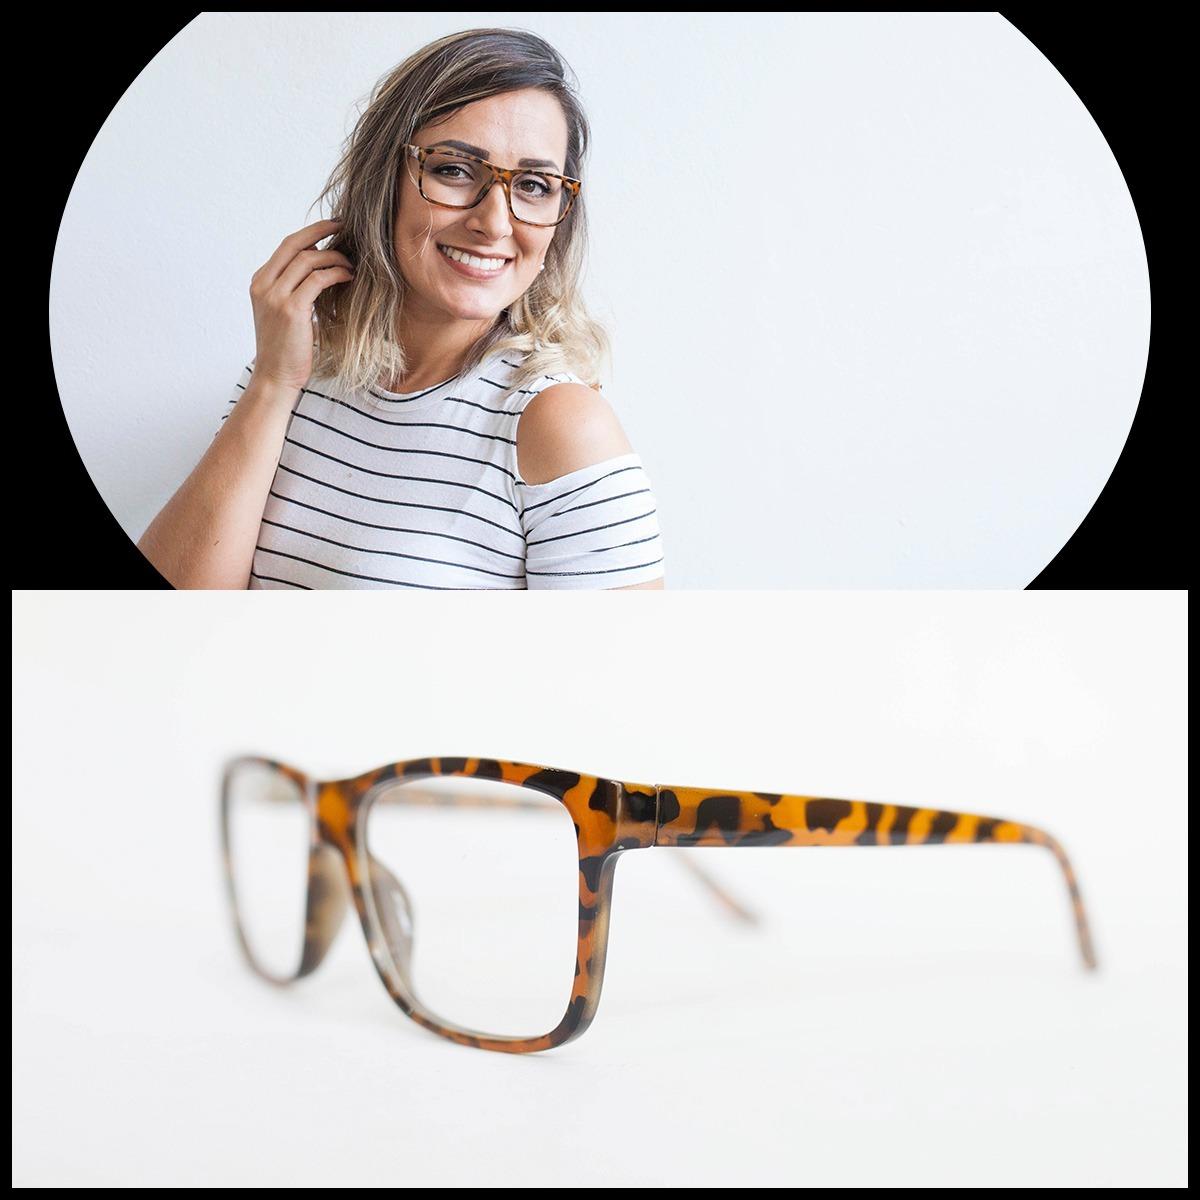 d55cbff1b armação óculos feminino com lente sem grau zf8811 (3 cores). Carregando zoom .